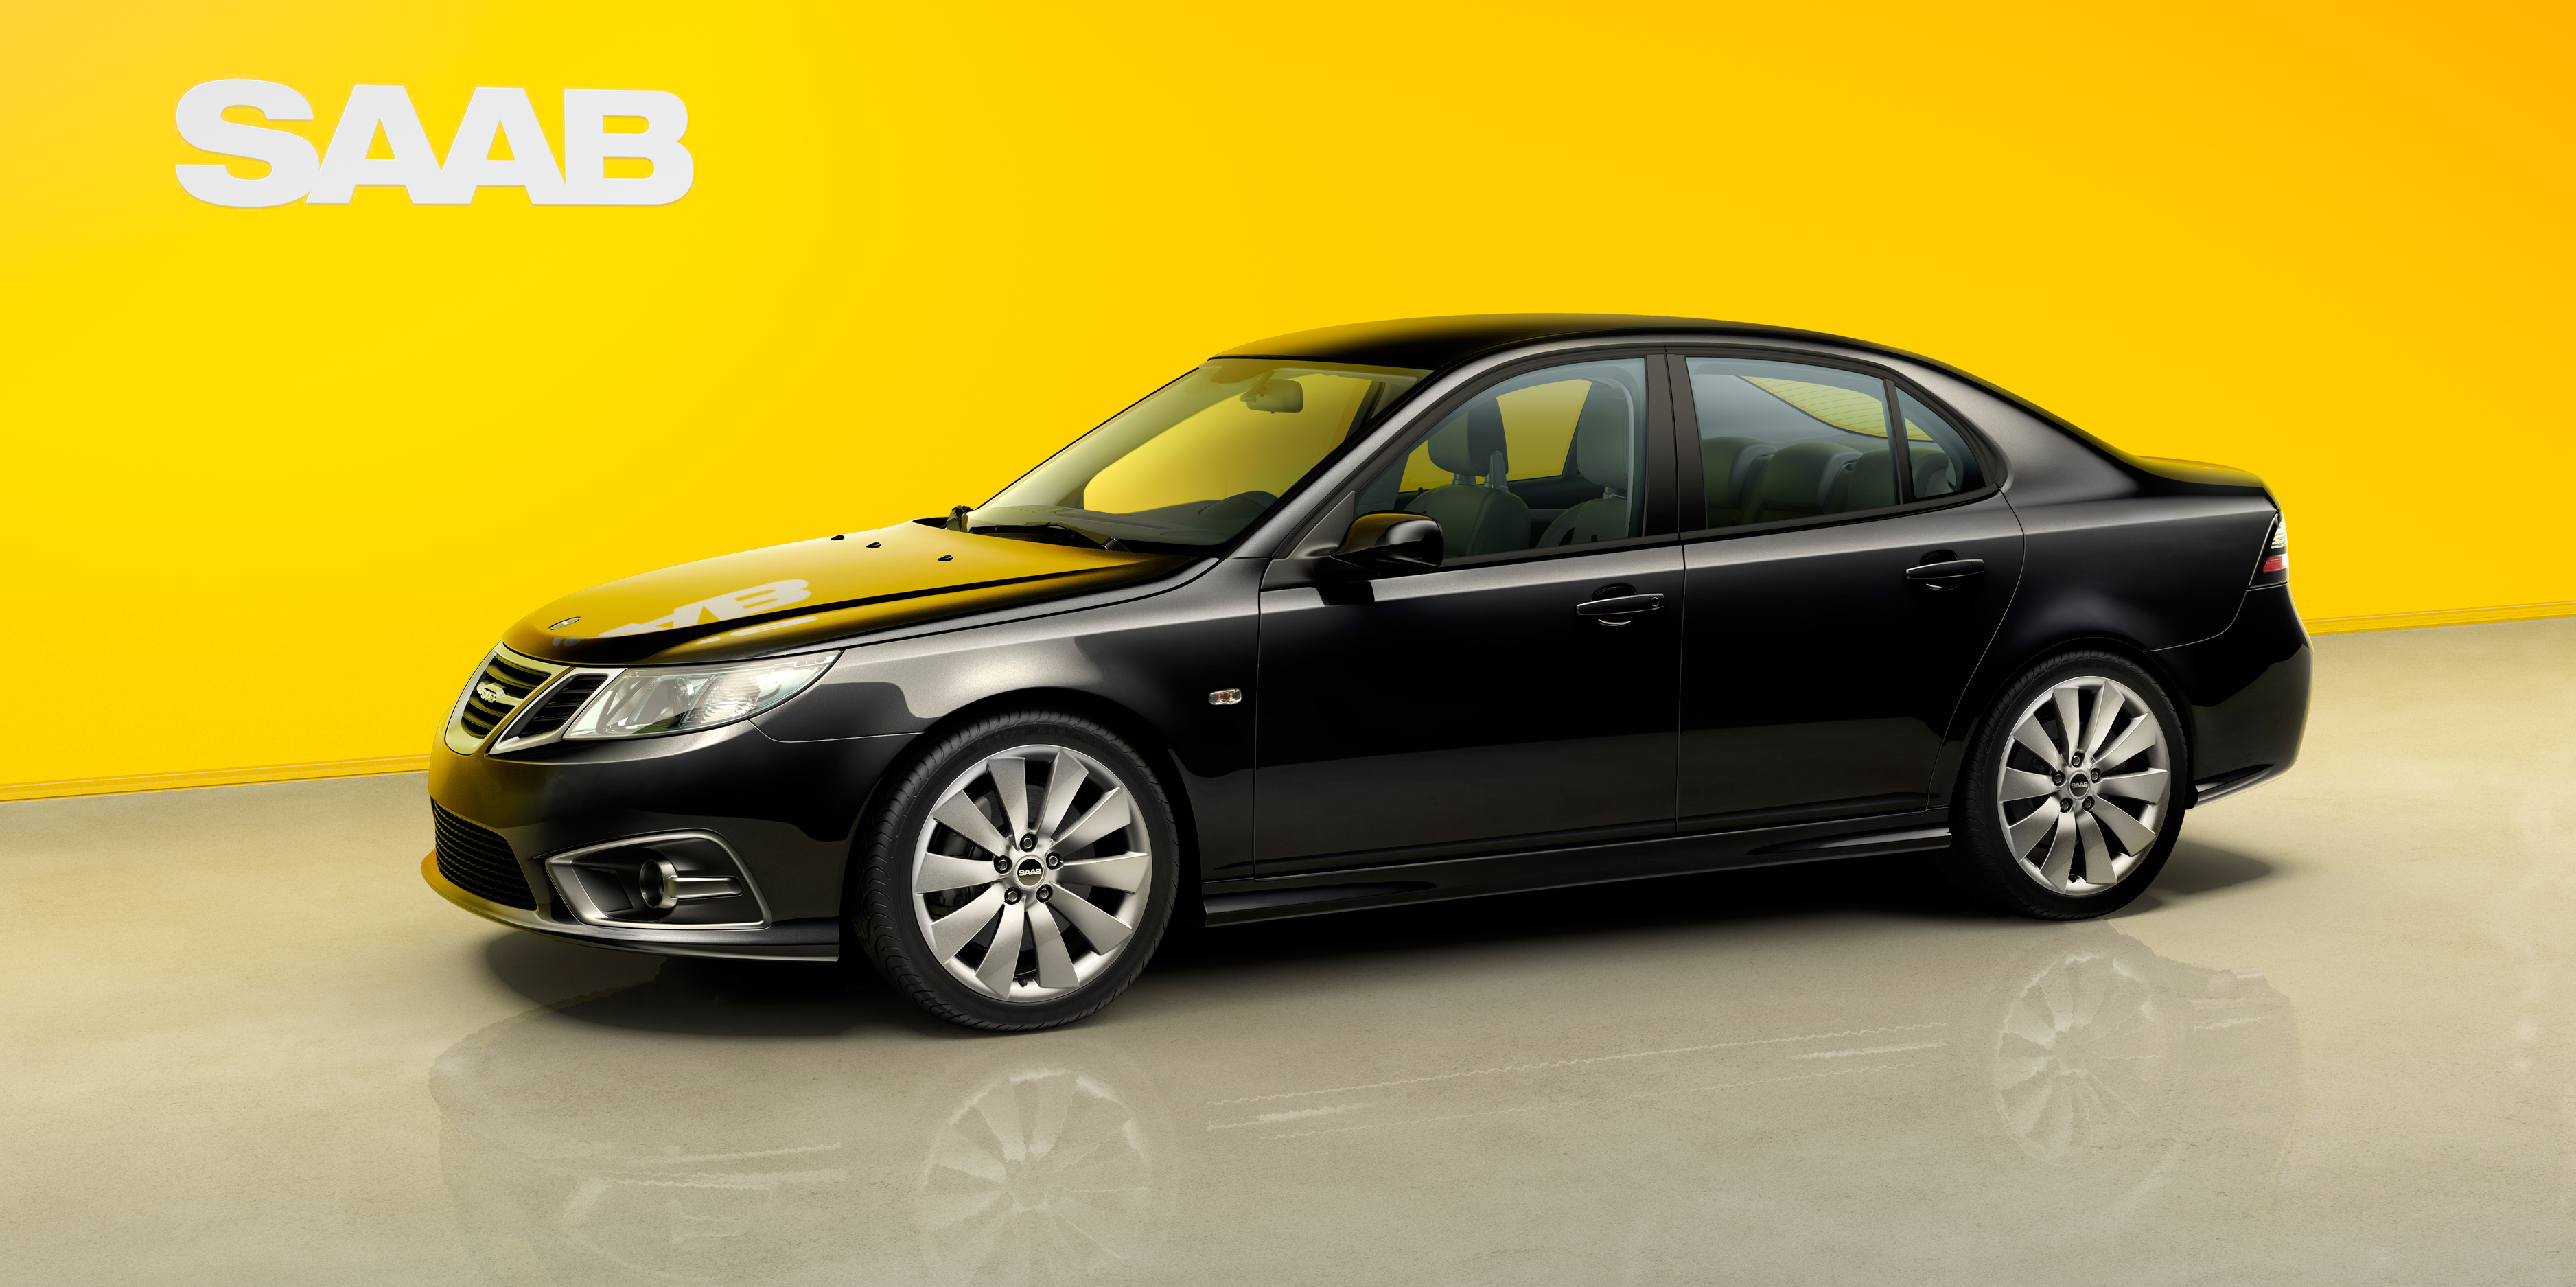 Sweden's Saab Resurrected With Sedan, EV for '14